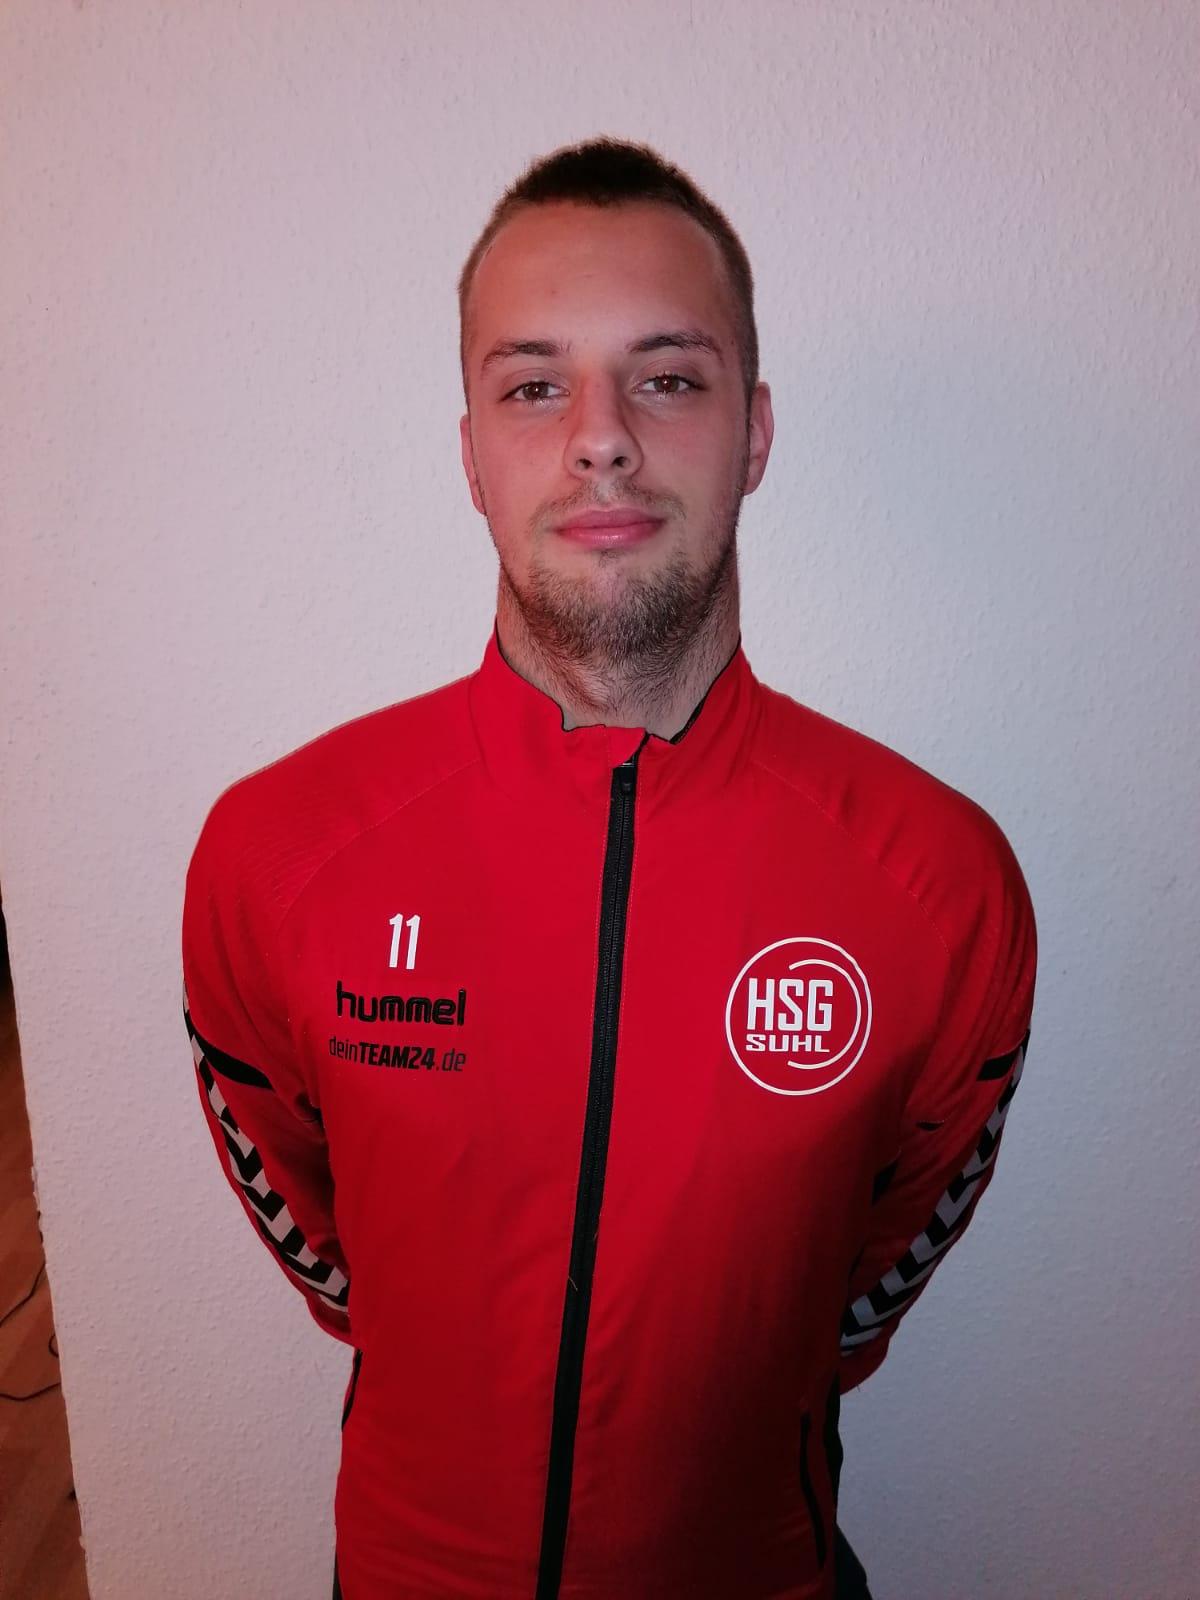 2. Neuzugang: Suhl holt Linkshänder Zahirovic aus Recklinghausen